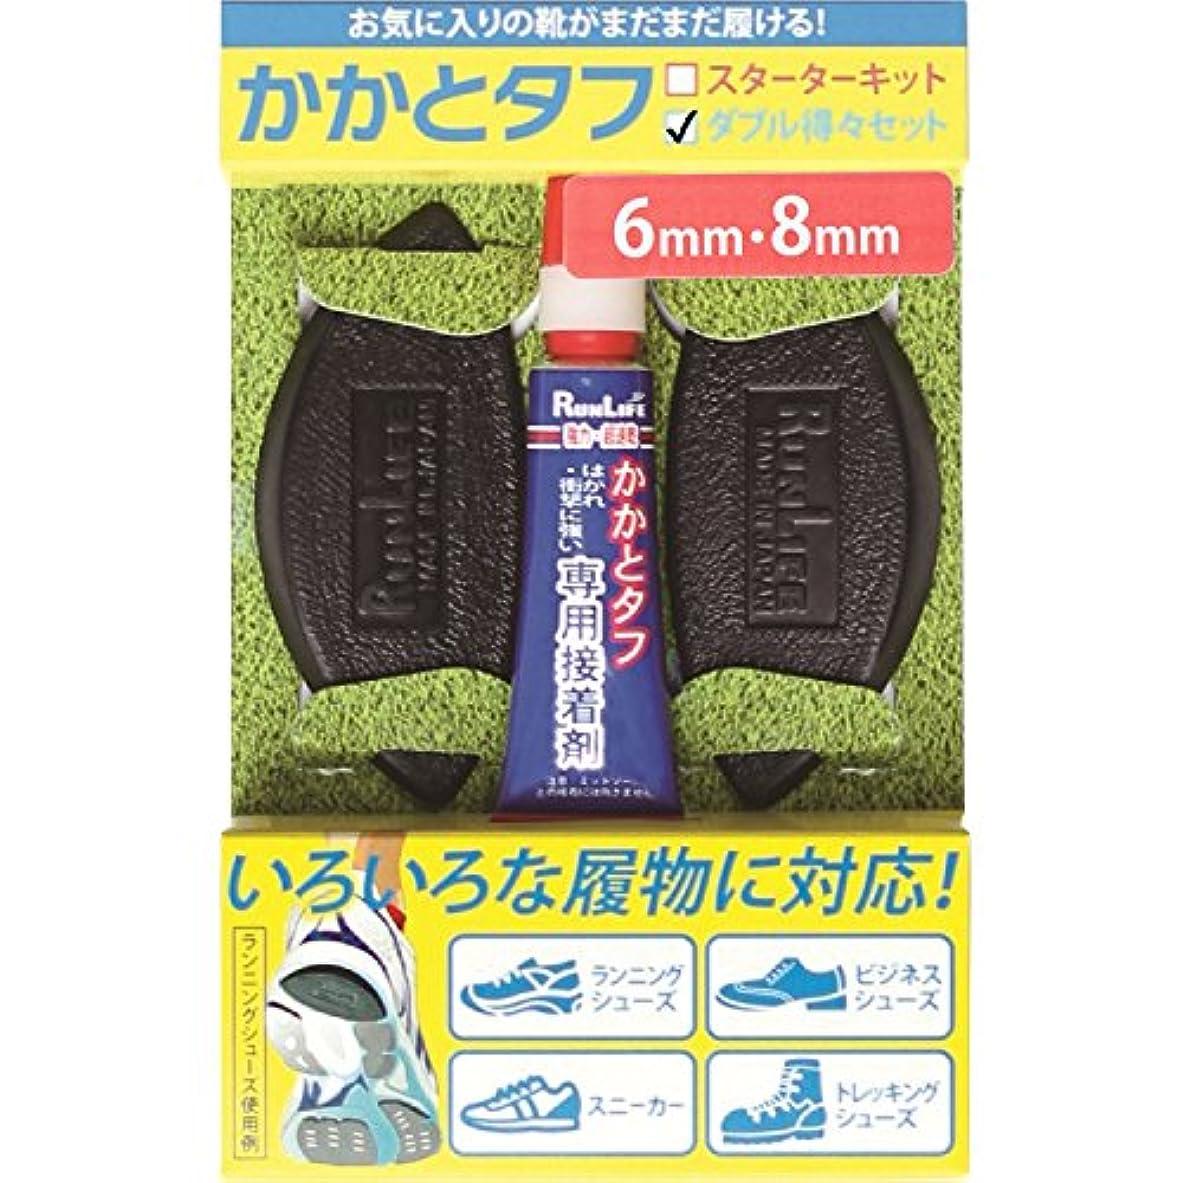 マイル公村RunLife(ランライフ) 靴修理 シューズ補修材『 かかとタフ 』 6mm?8mm ミックスダブル得々セット SKT-6M8M+SG